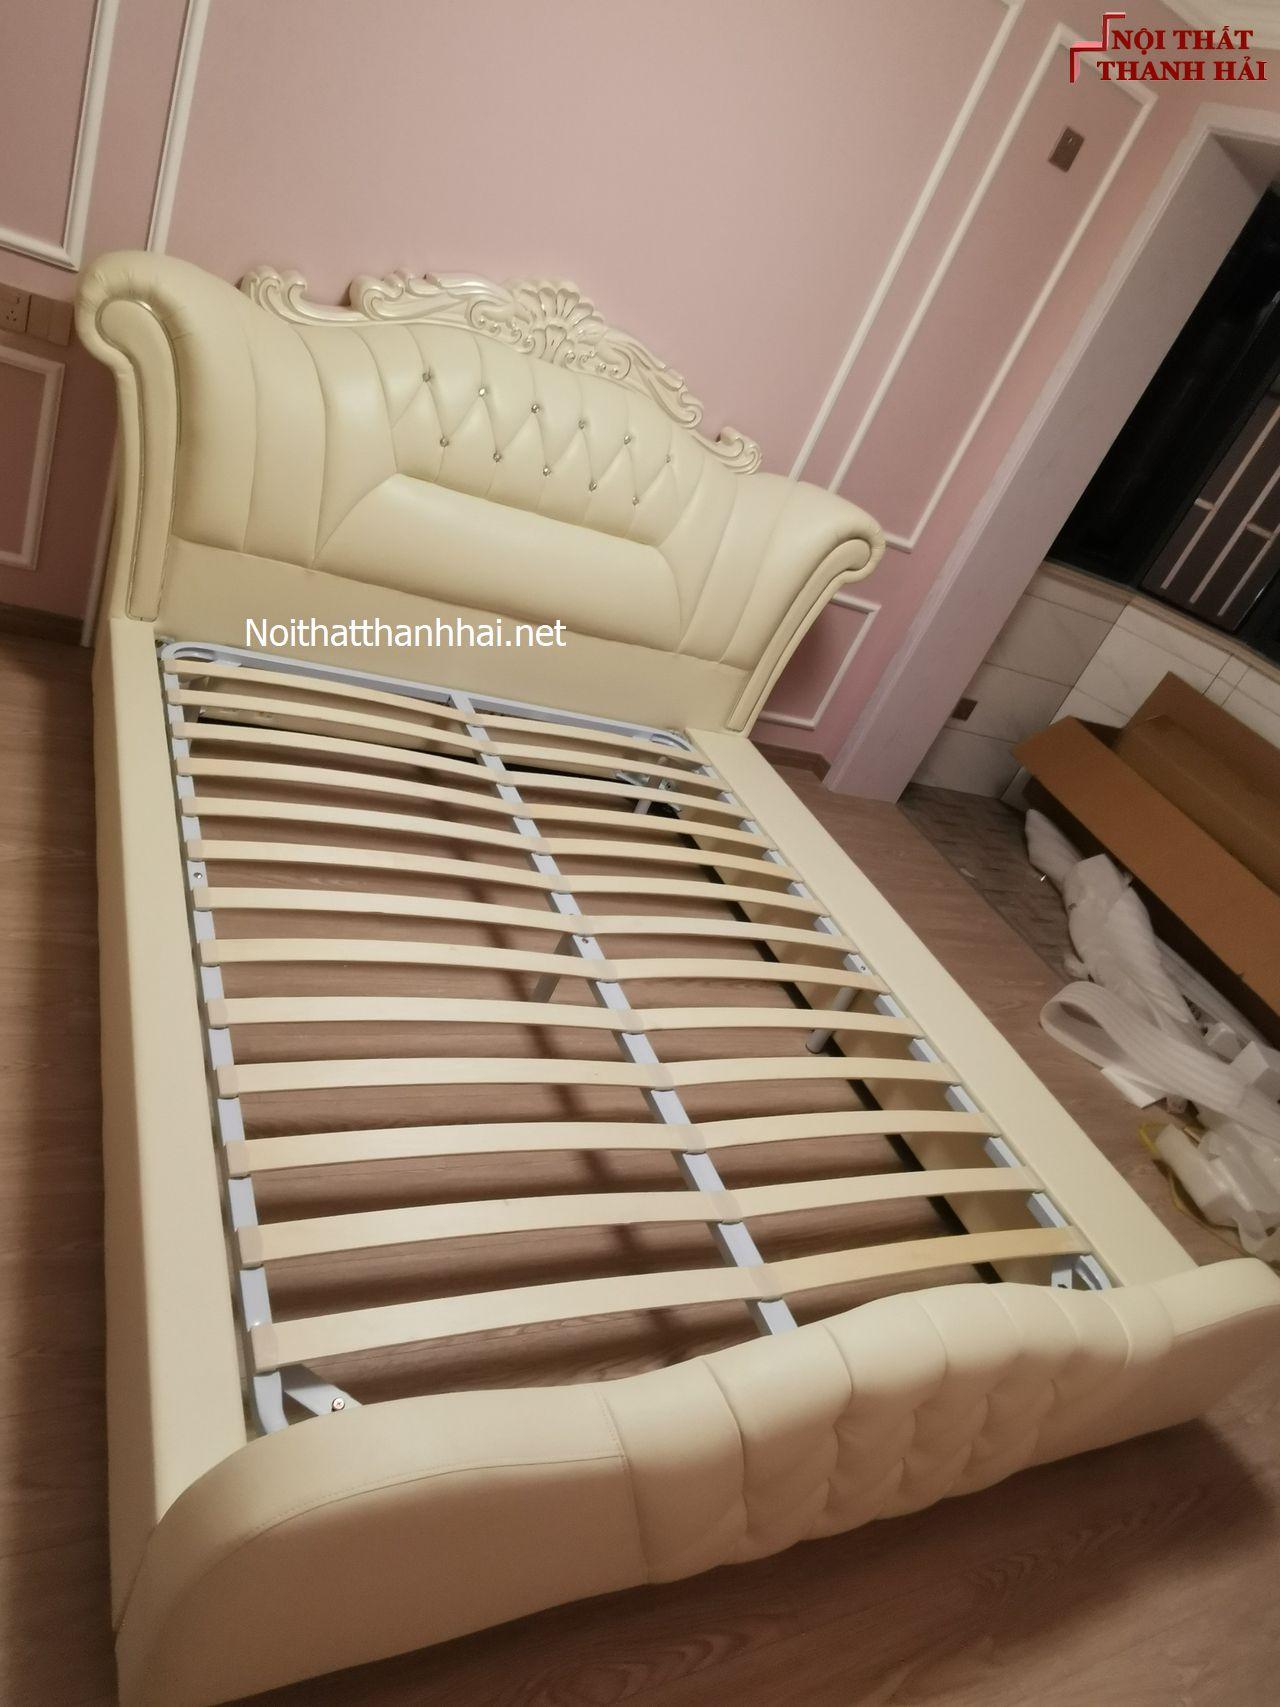 Ảnh thật giường ngủ bọc da hiện đại tân cổ điển cao cấp Nhập Khẩu GN024 2